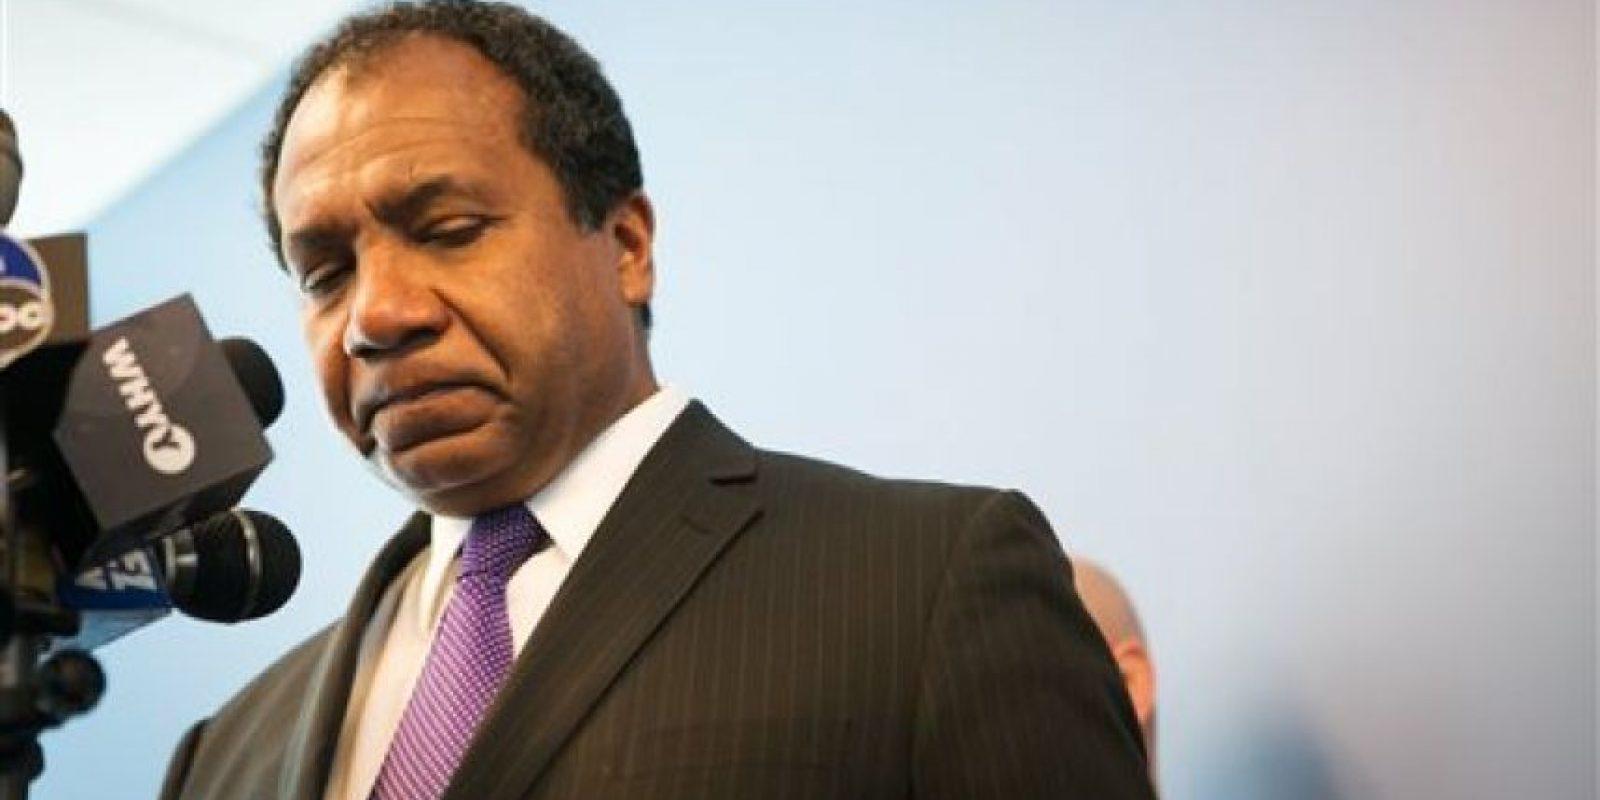 """El alcalde de Delaware, Dennis William, dijo: """"Mi corazón sangra por la familia"""", cuando anunció públicamente la muerte de la joven. Foto:AP"""